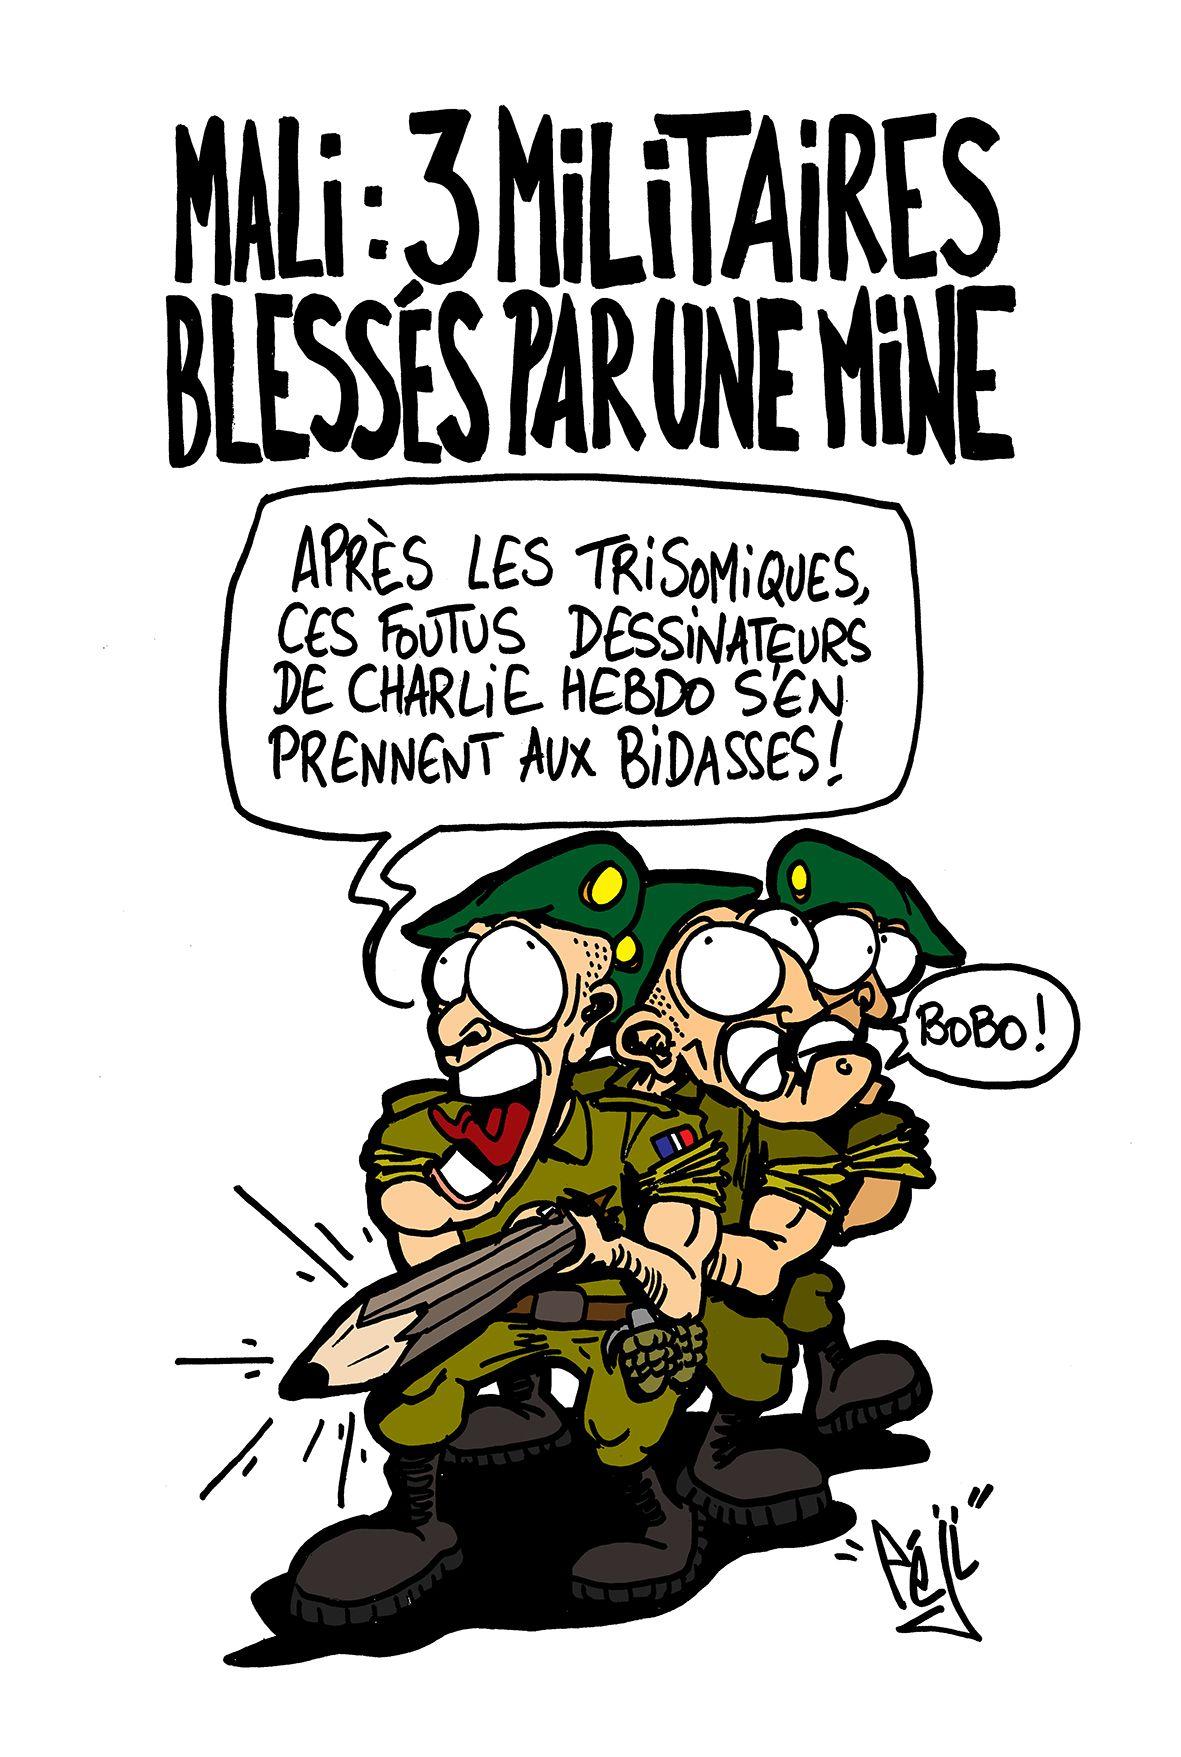 P ji dessin militaires bless s au mali caricatures - Dessin de militaire ...